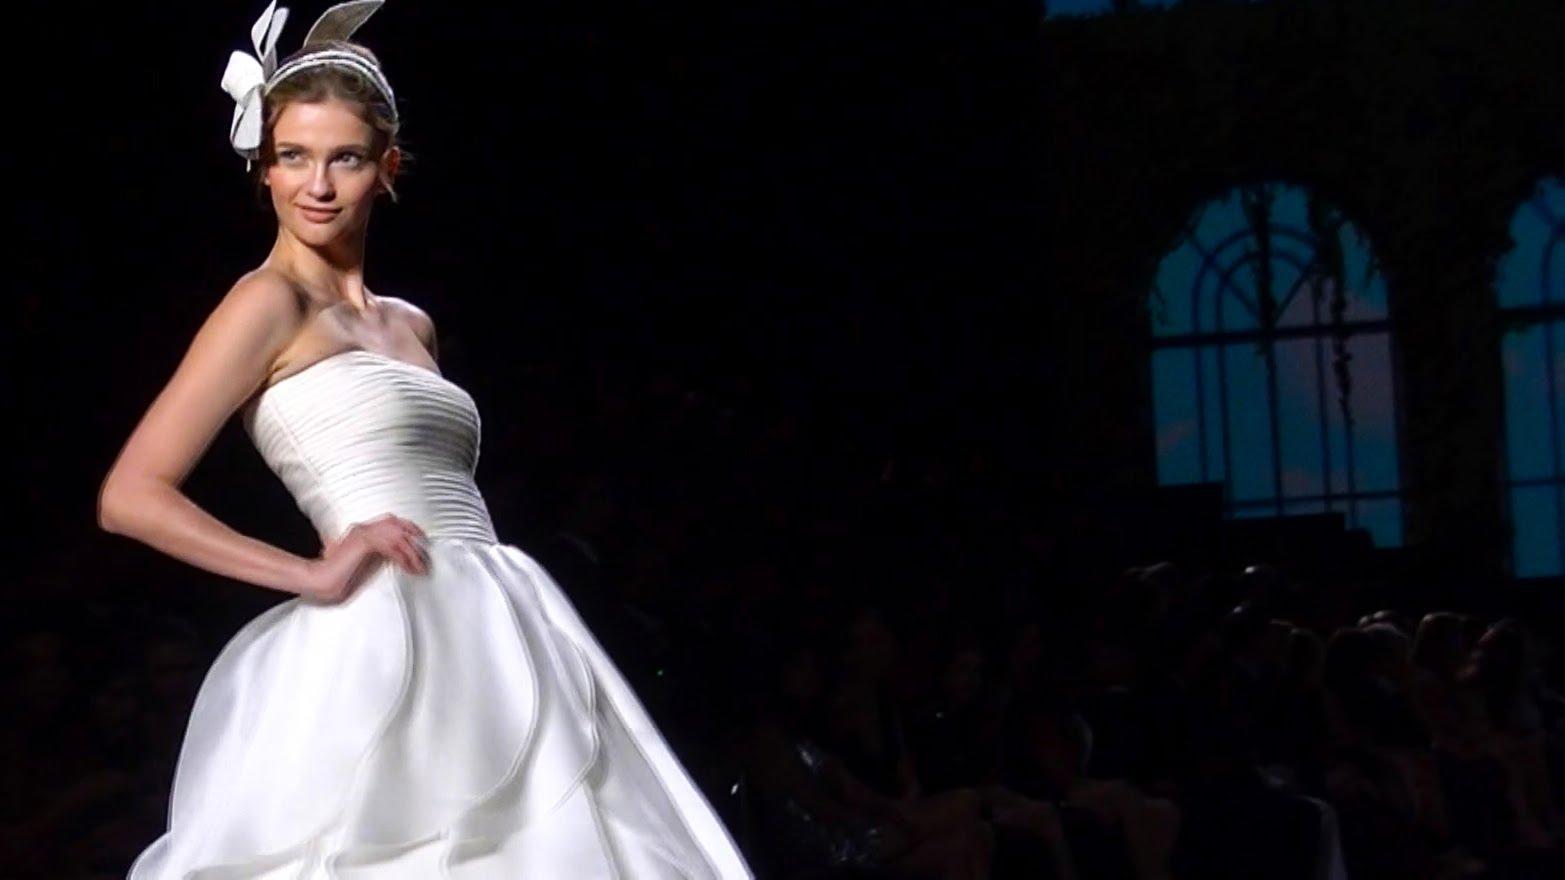 Pronovias 2013 Луксозни булченски рокли 2013